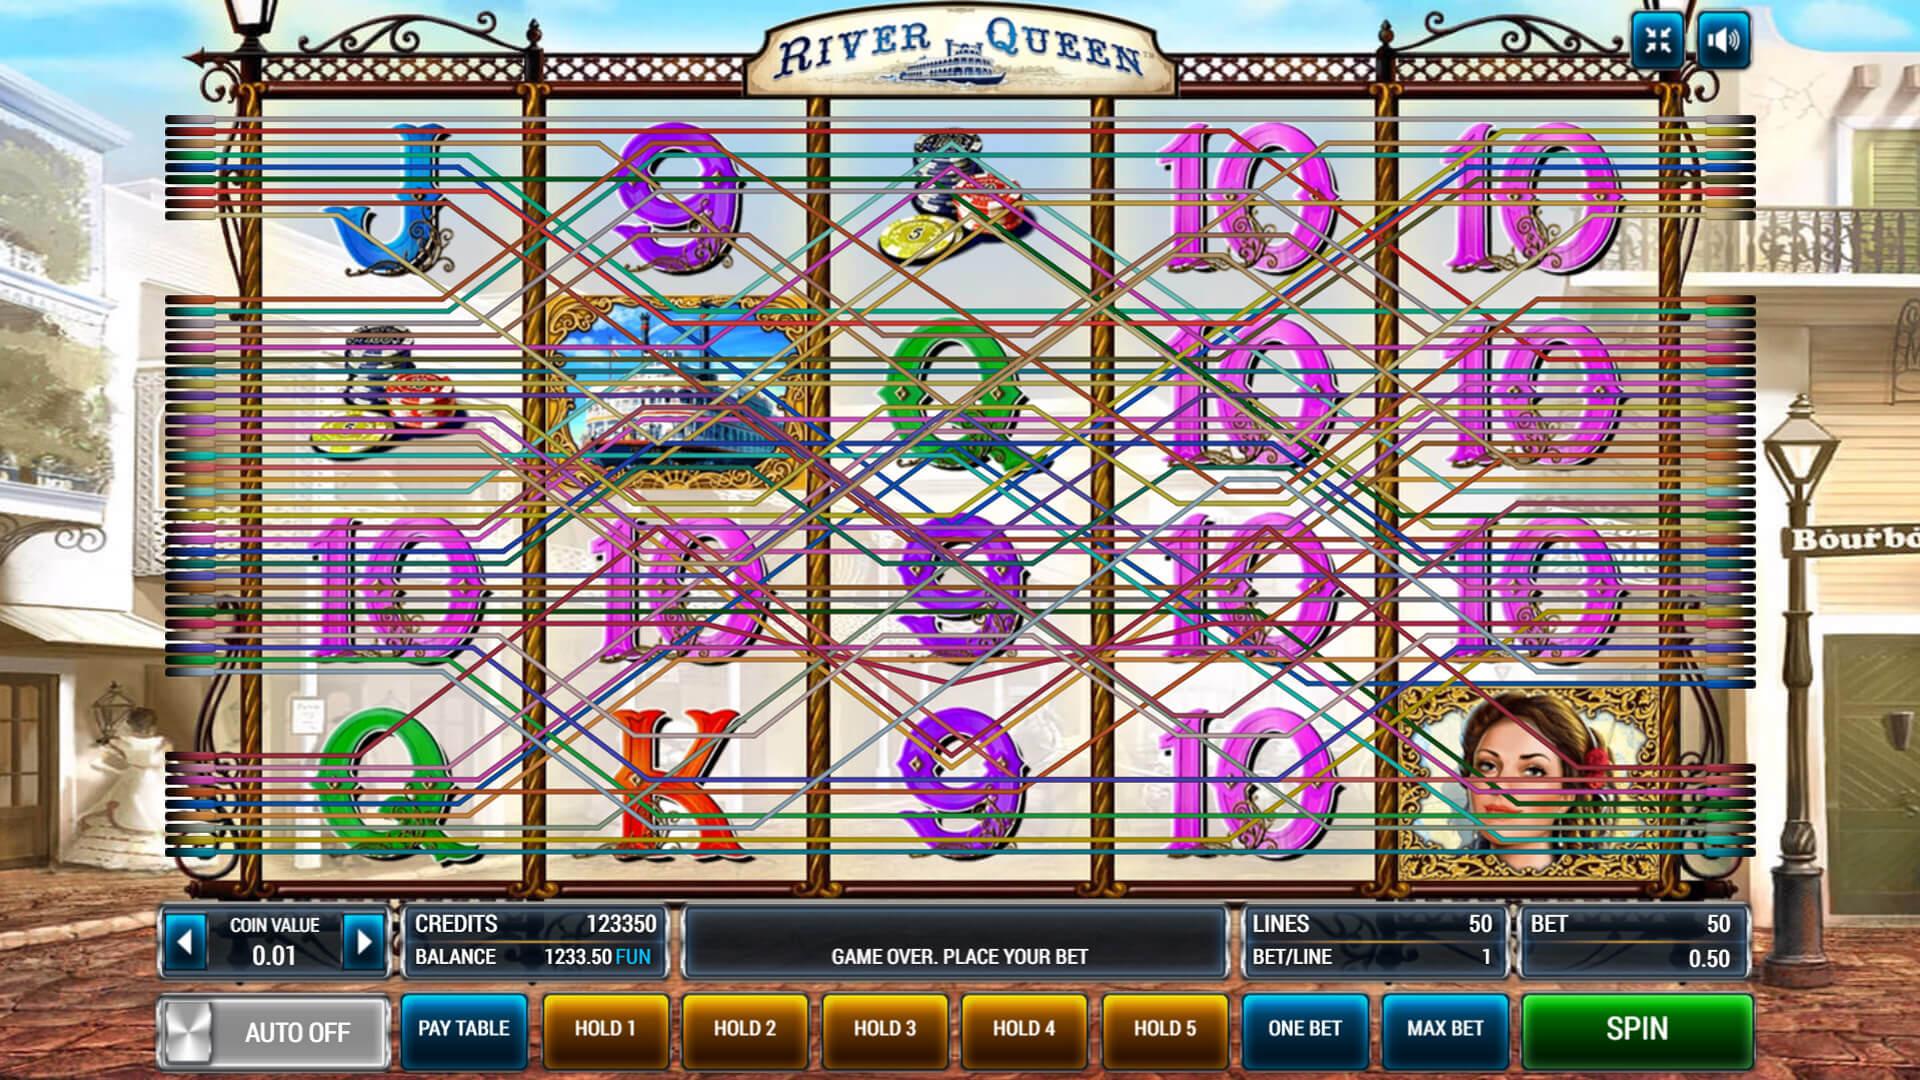 Изображение игрового автомата River Queen 2